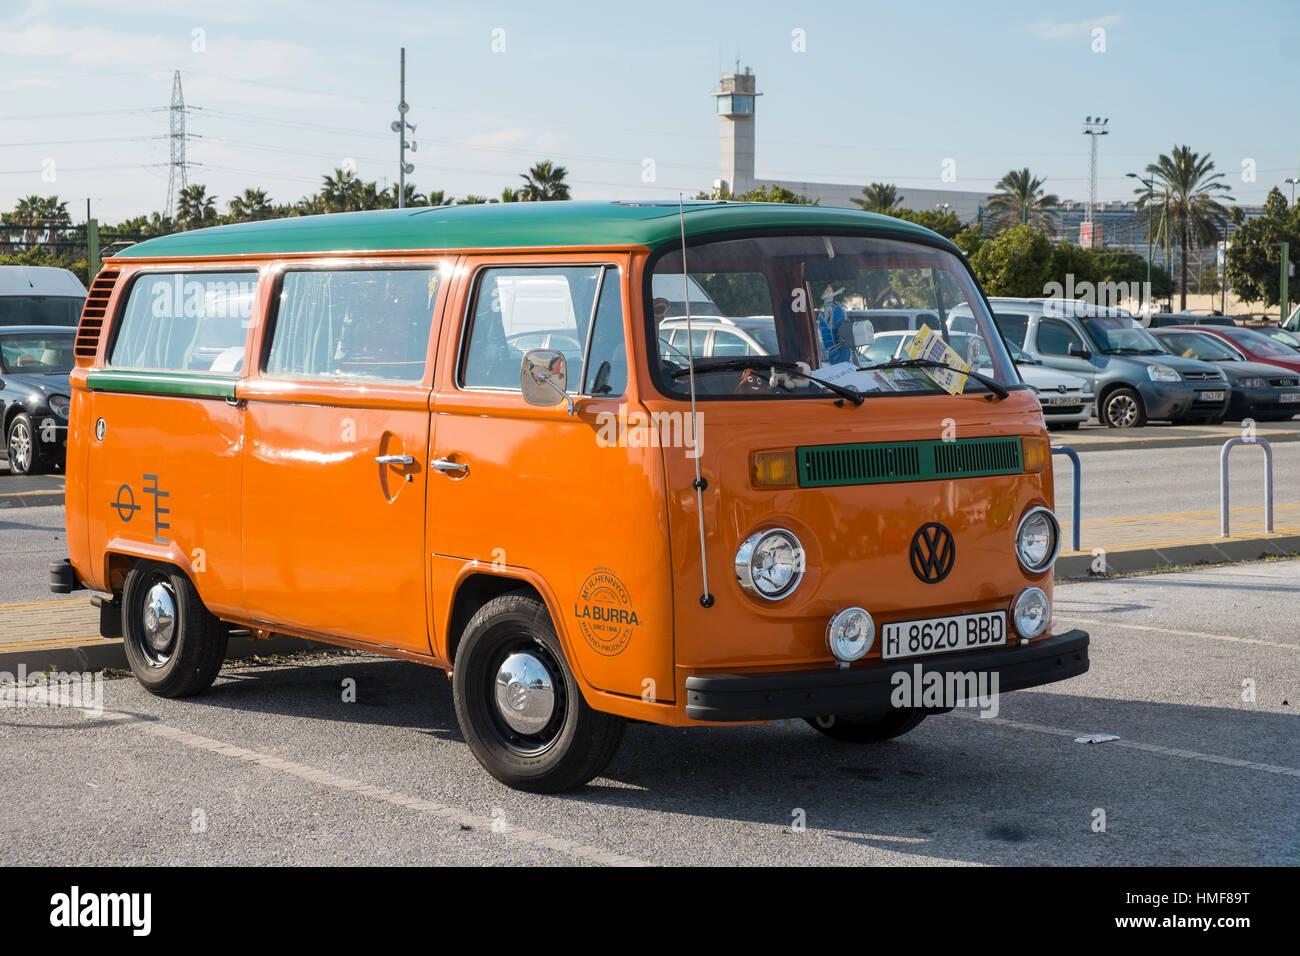 Camionnette Volkswagen Banque D'Images